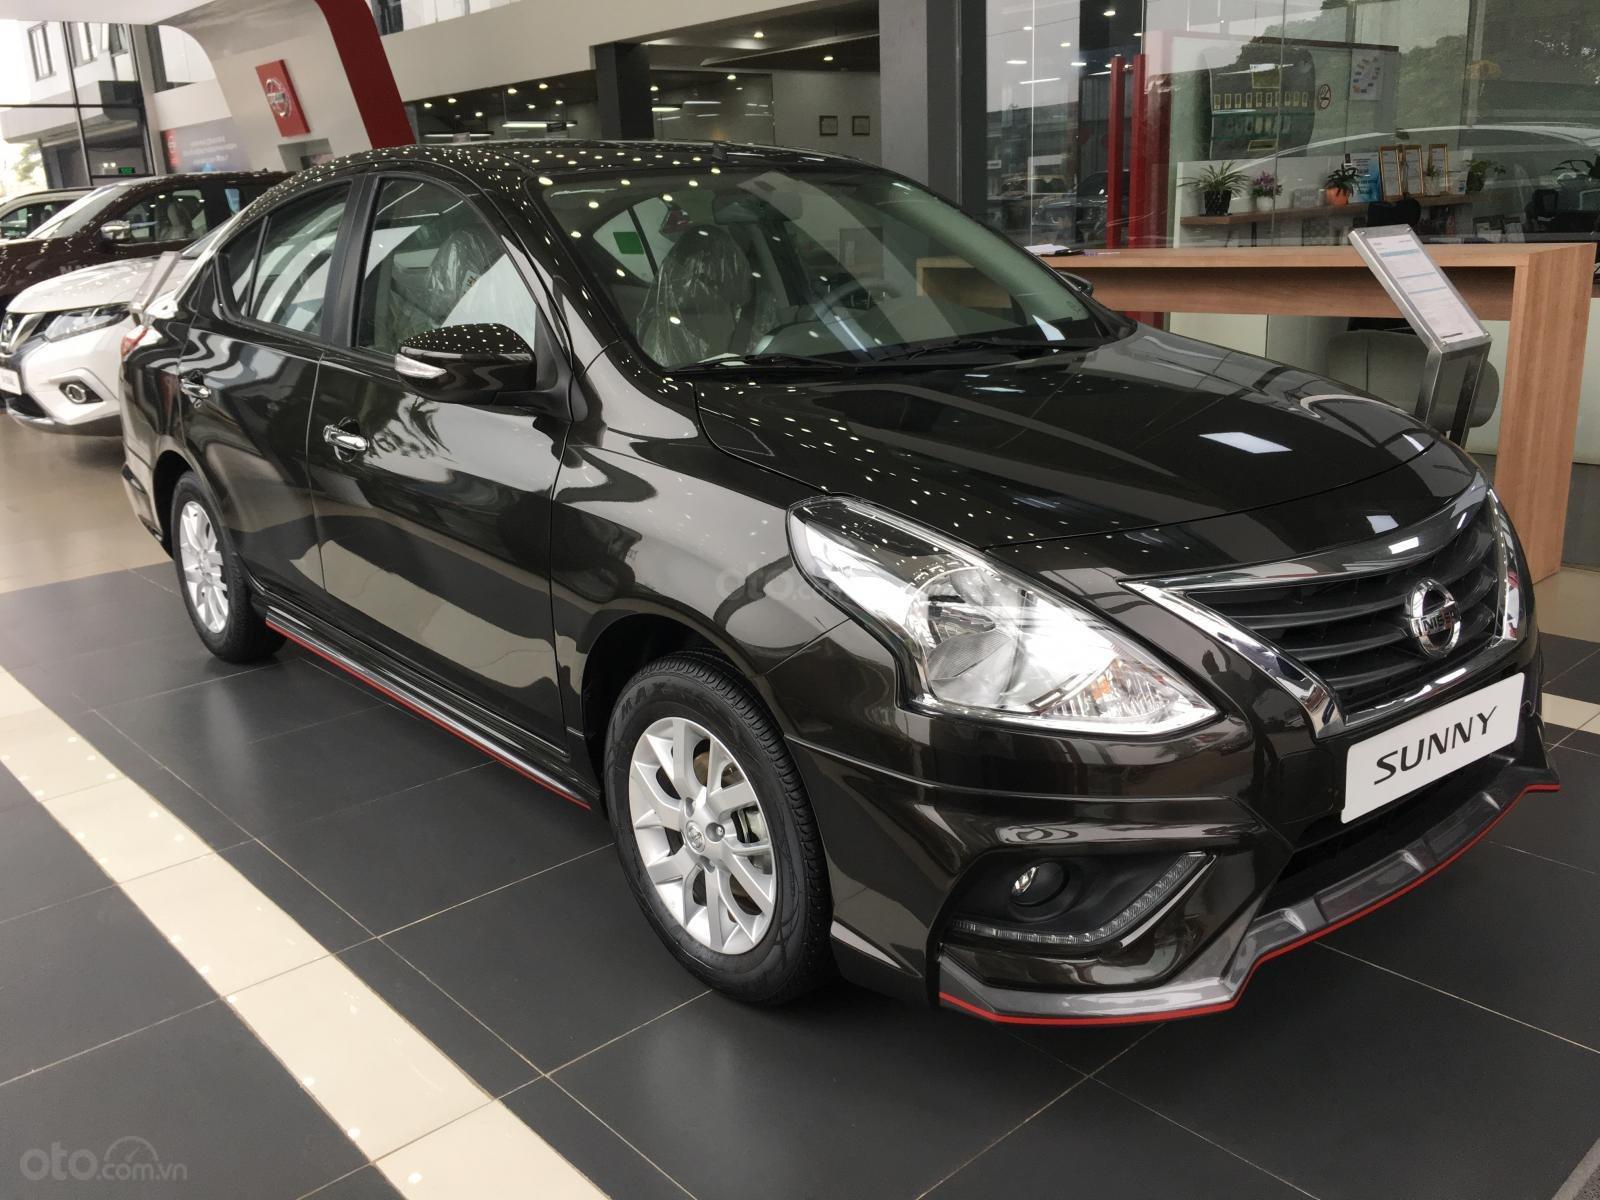 Phân khúc hạng B: Toyota Vios đè bẹp Hyundai Accent với doanh số 3.403 xe a1